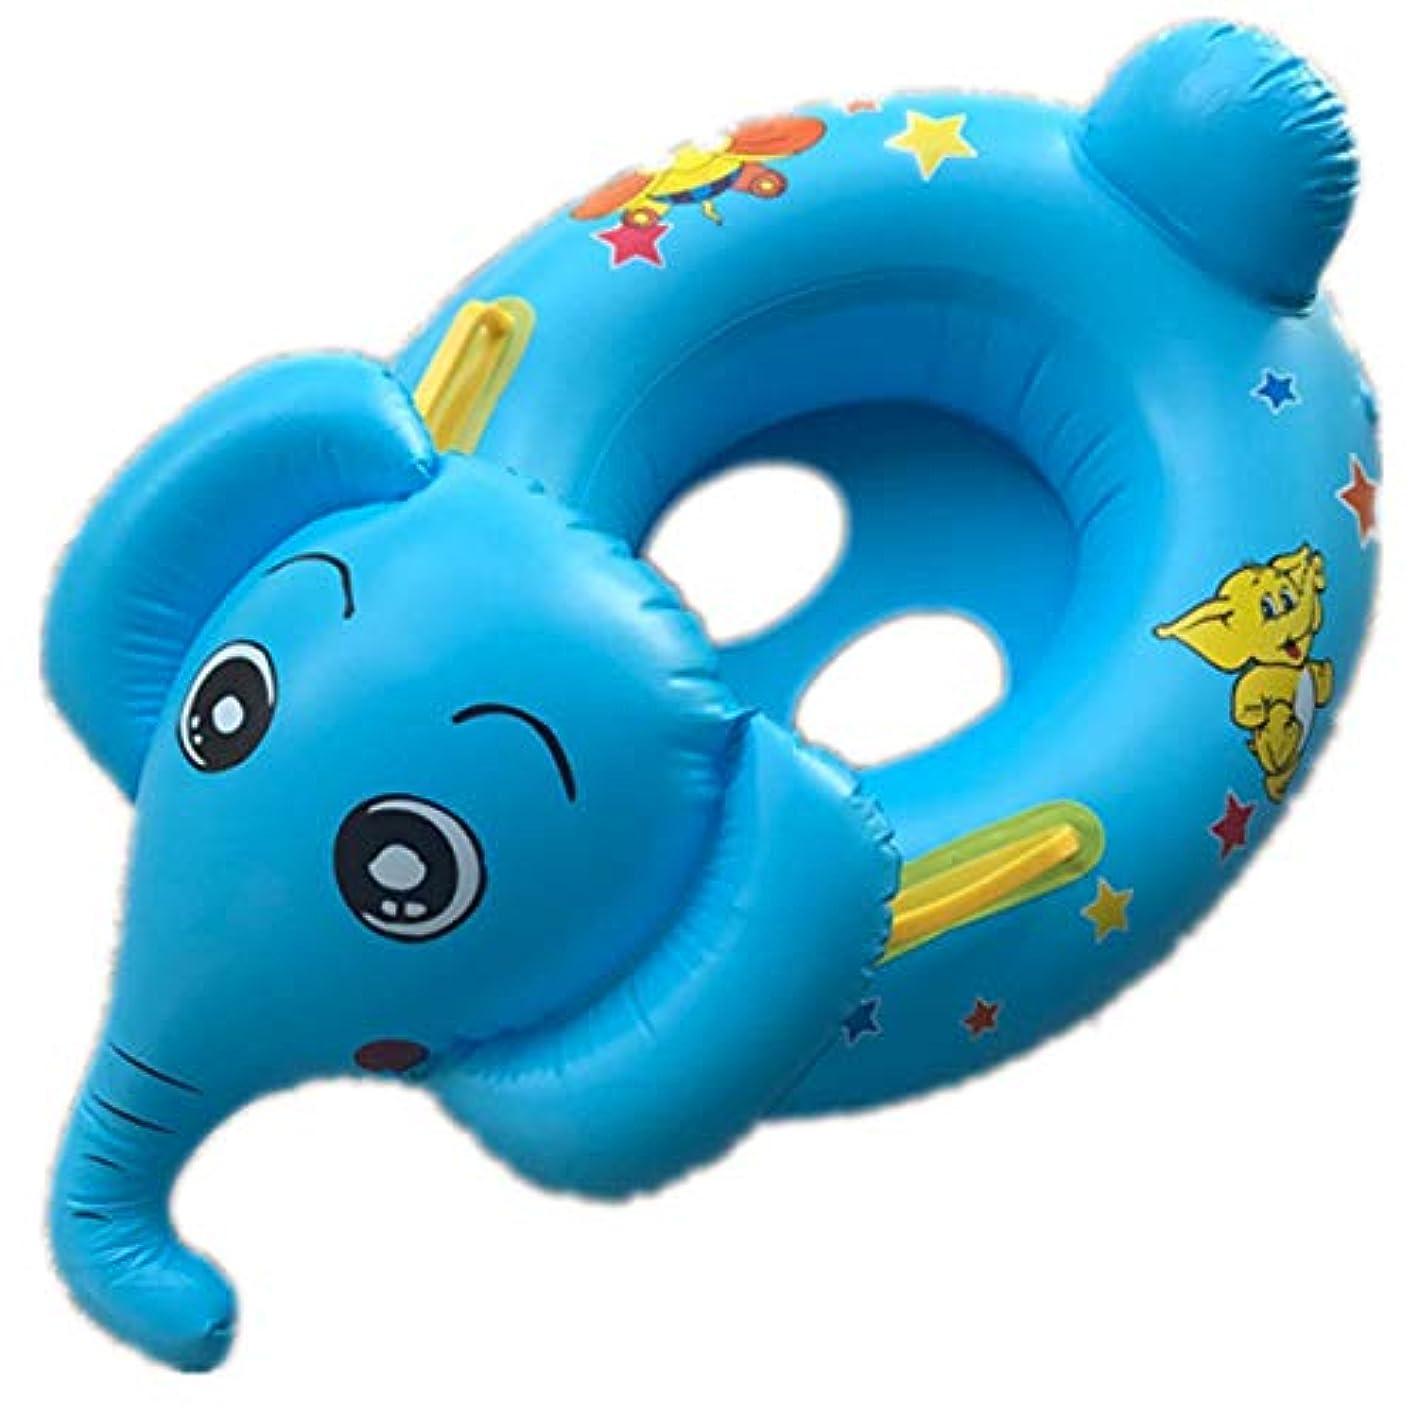 日帰り旅行にランデブー日焼けBREAORTION スイミングリング 安全シート付き浮き輪 ベビープール浮き輪 夏水遊び お風呂 ビーチ おもちゃ 子供 赤ちゃん 年齢 3-36ヶ月 65x50cm ブルー ZB135